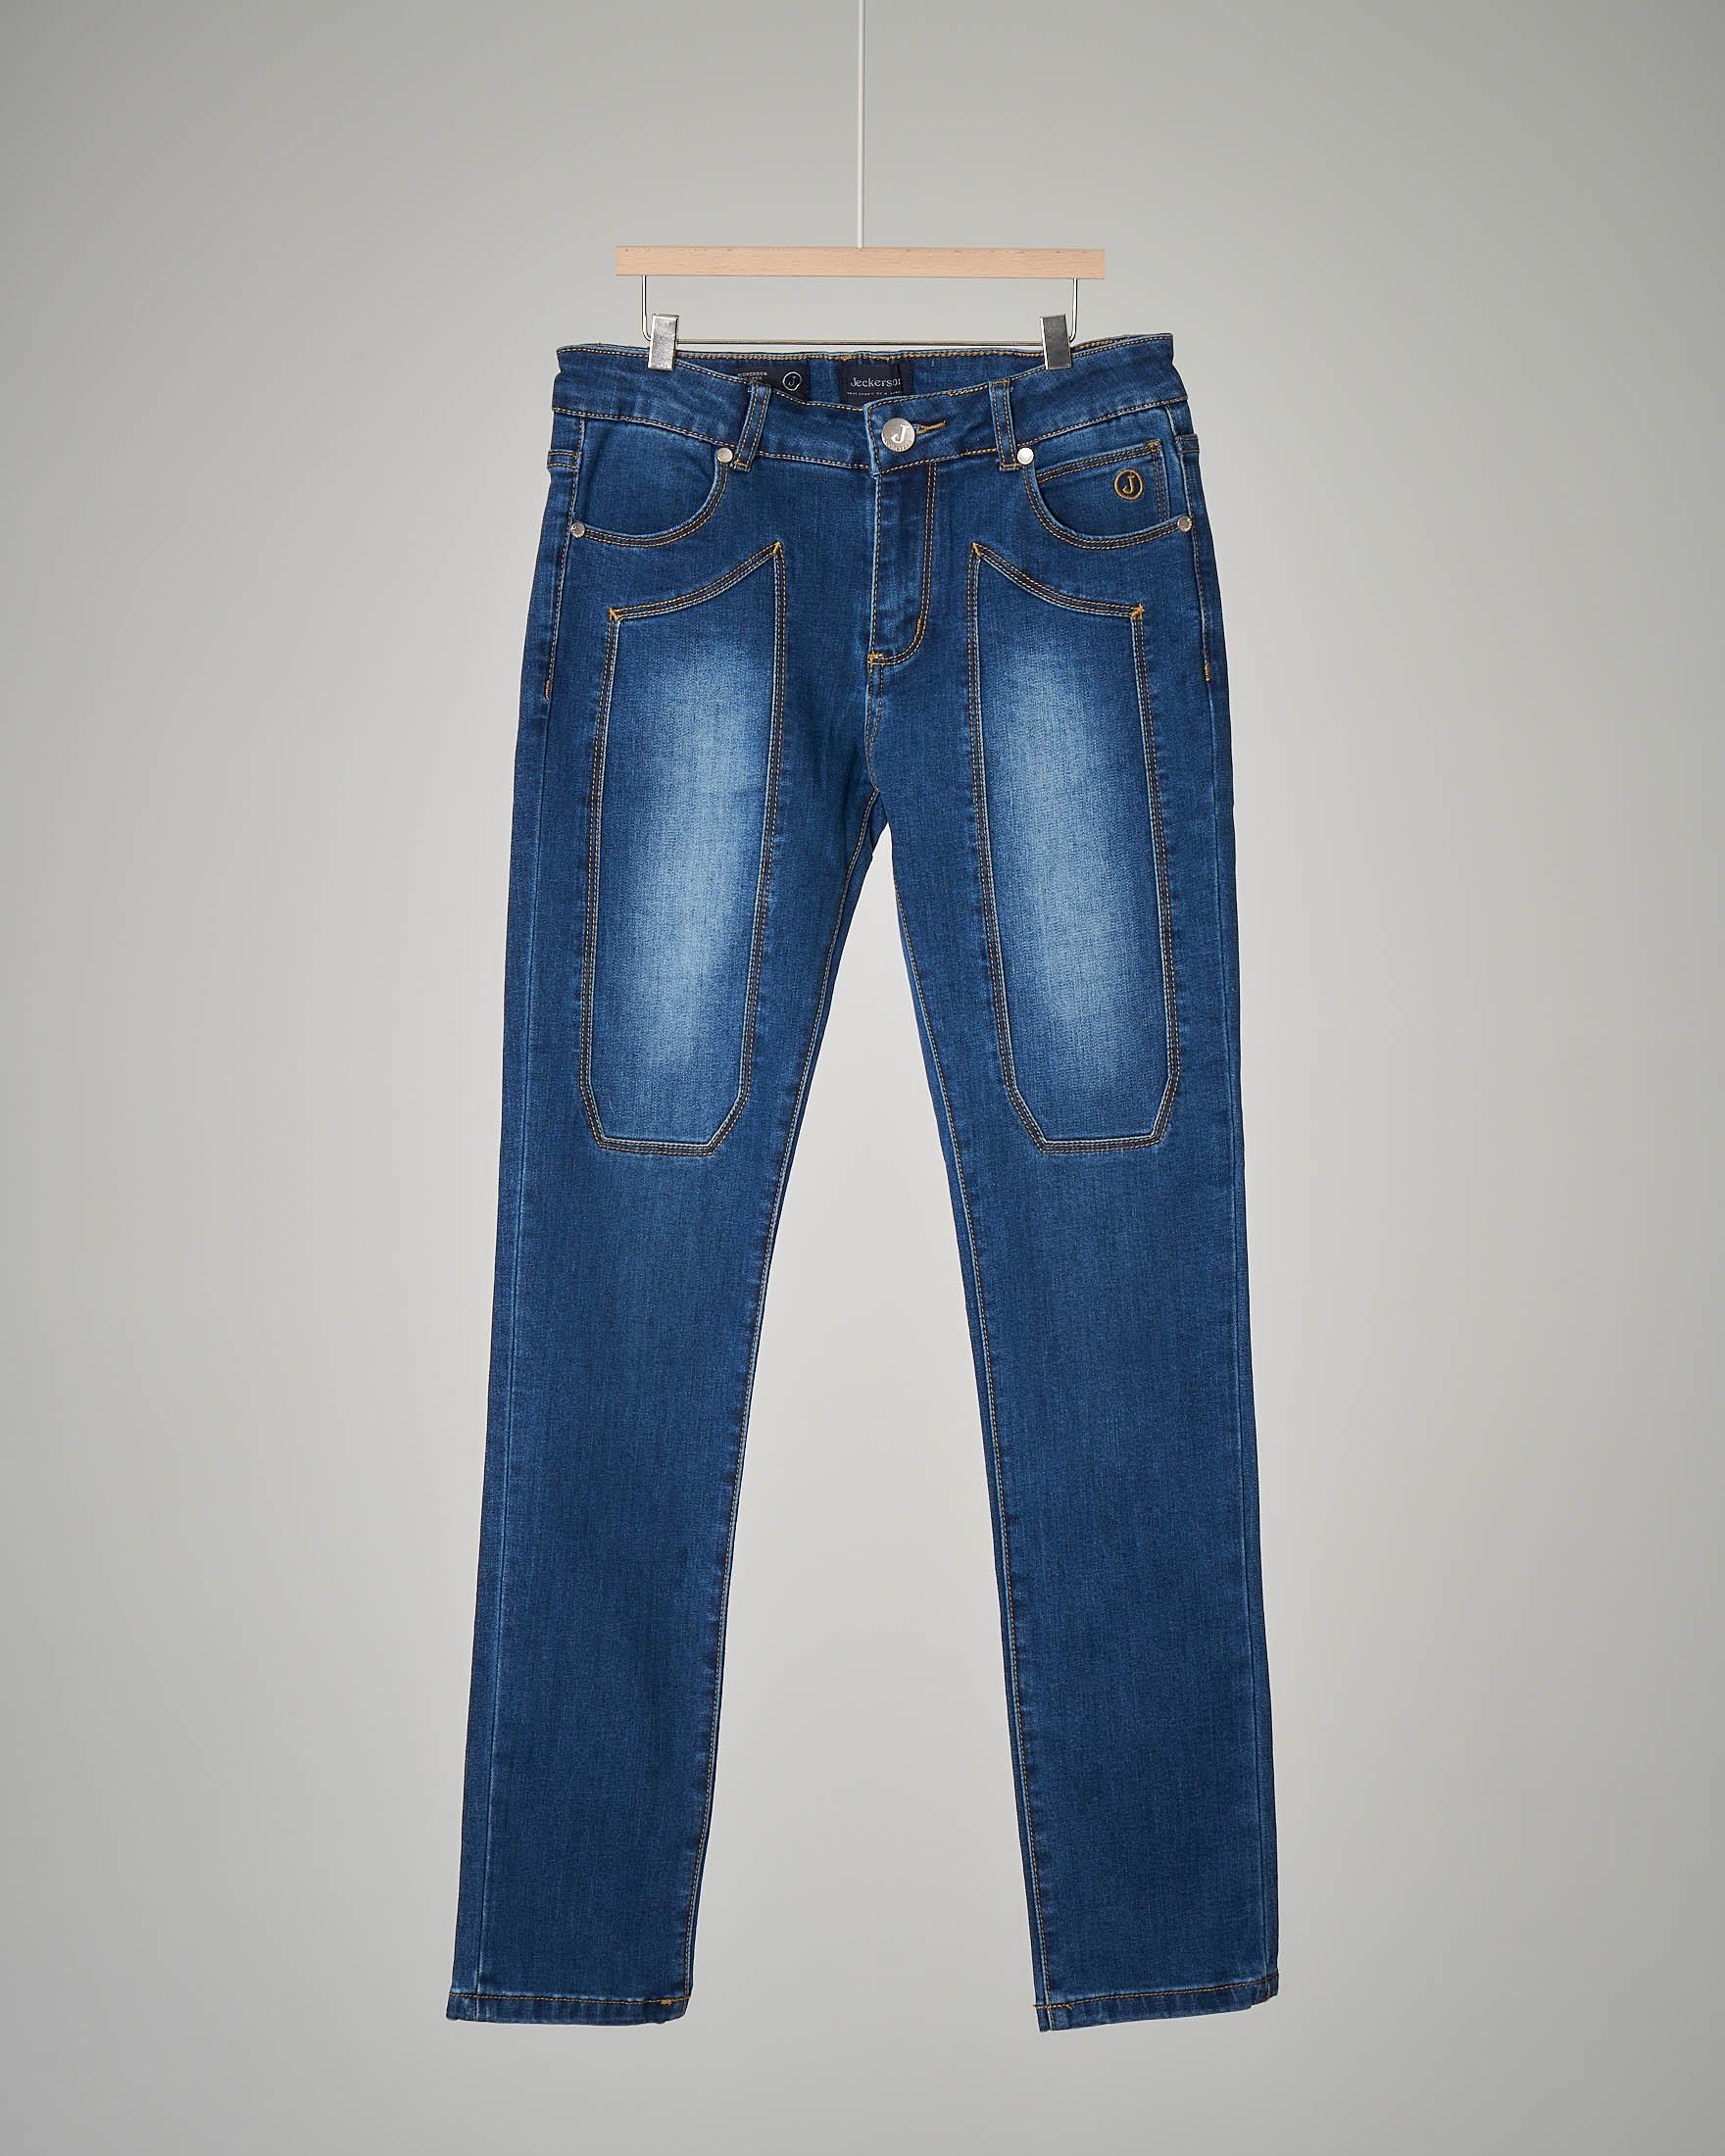 Jeans lavaggio-medio con sbiancature sulle toppe